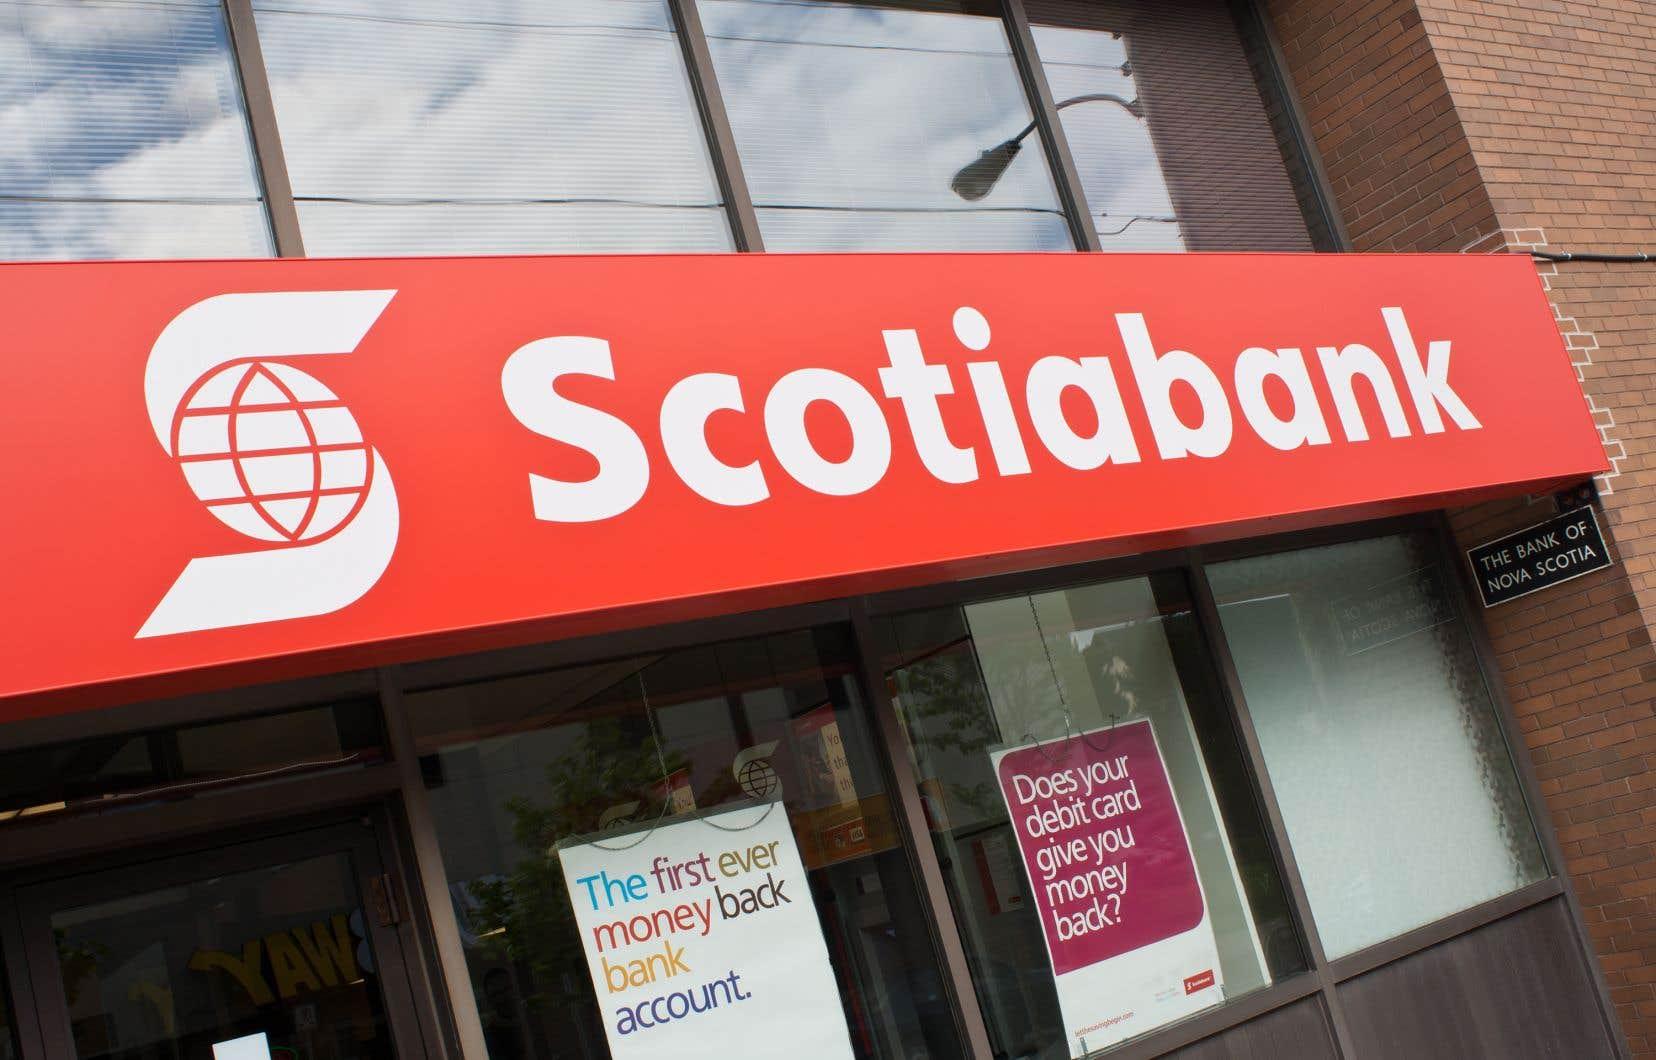 La Scotia a été affectée de manière «significative» par ses activités en Amérique latine, qui ont mis plus de temps à être secouées par la crise sanitaire, ont expliqué les dirigeants de la banque.